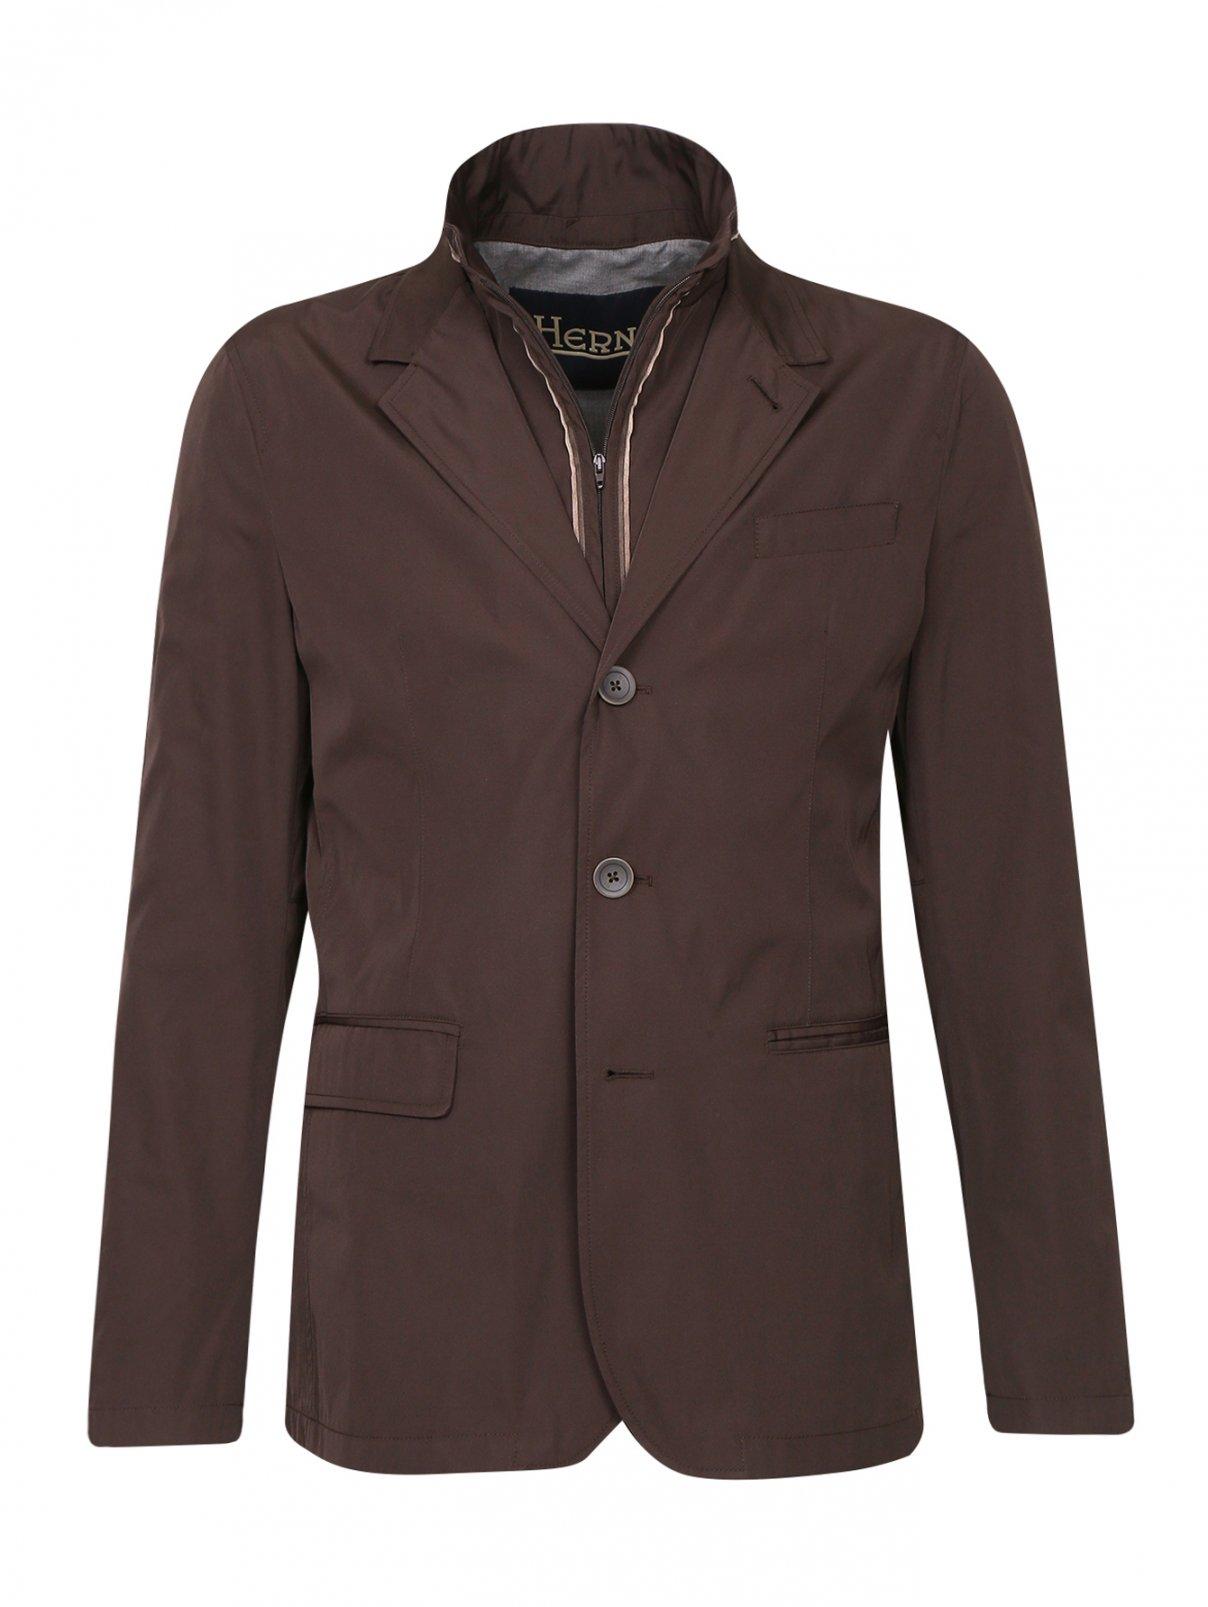 Пиджак с подкладом на молнии Herno  –  Общий вид  – Цвет:  Коричневый